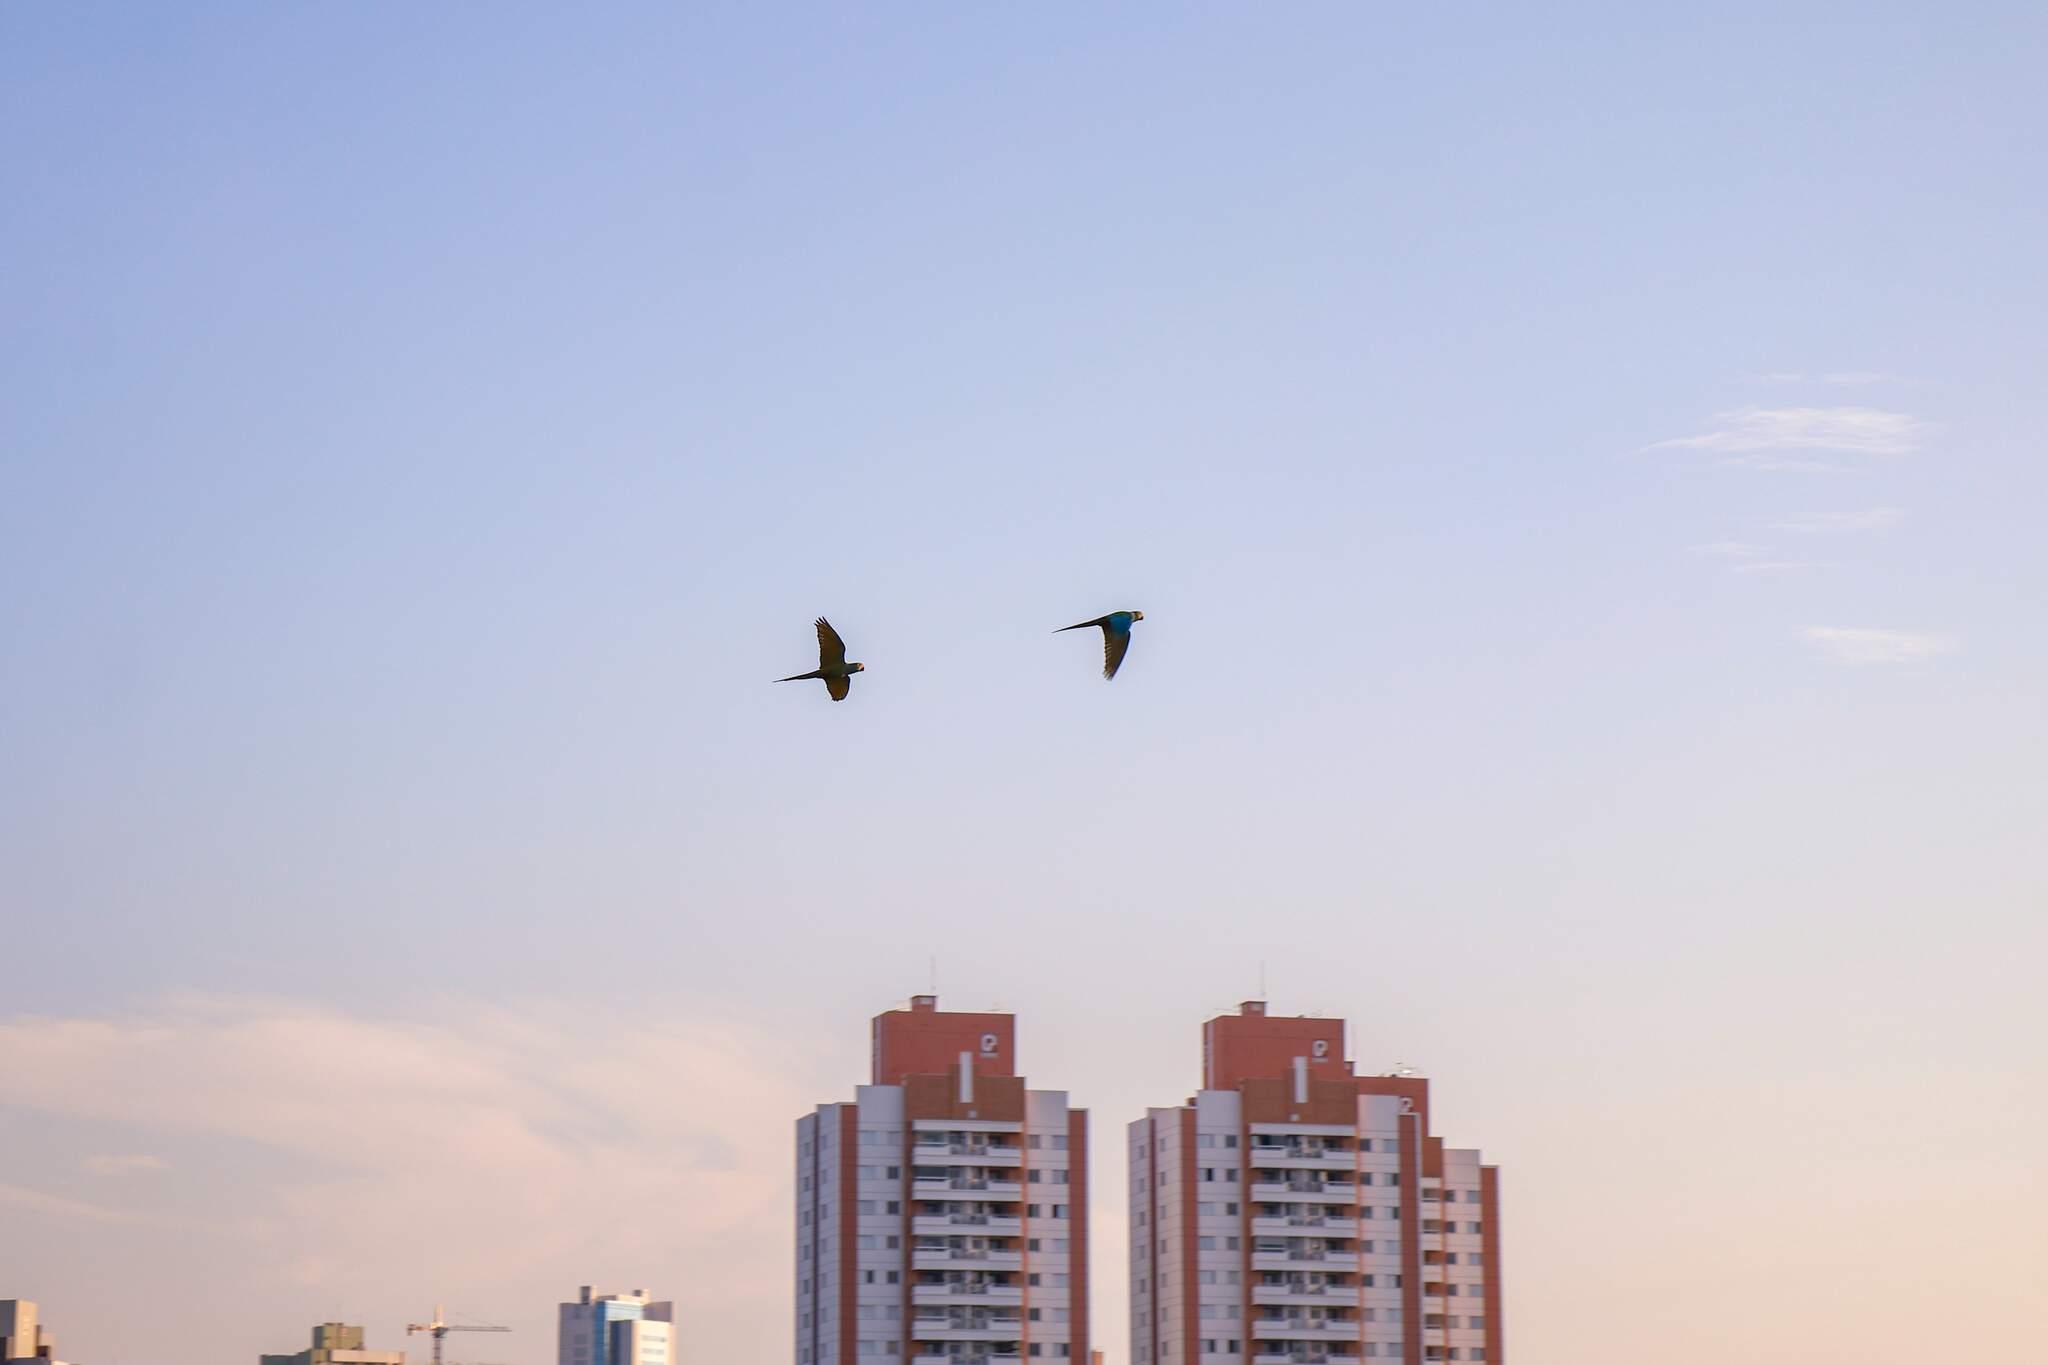 Amanhecer visto com céu aberto da região do Bairro Itanhangá Park (Foto: Henrique kawaminami)